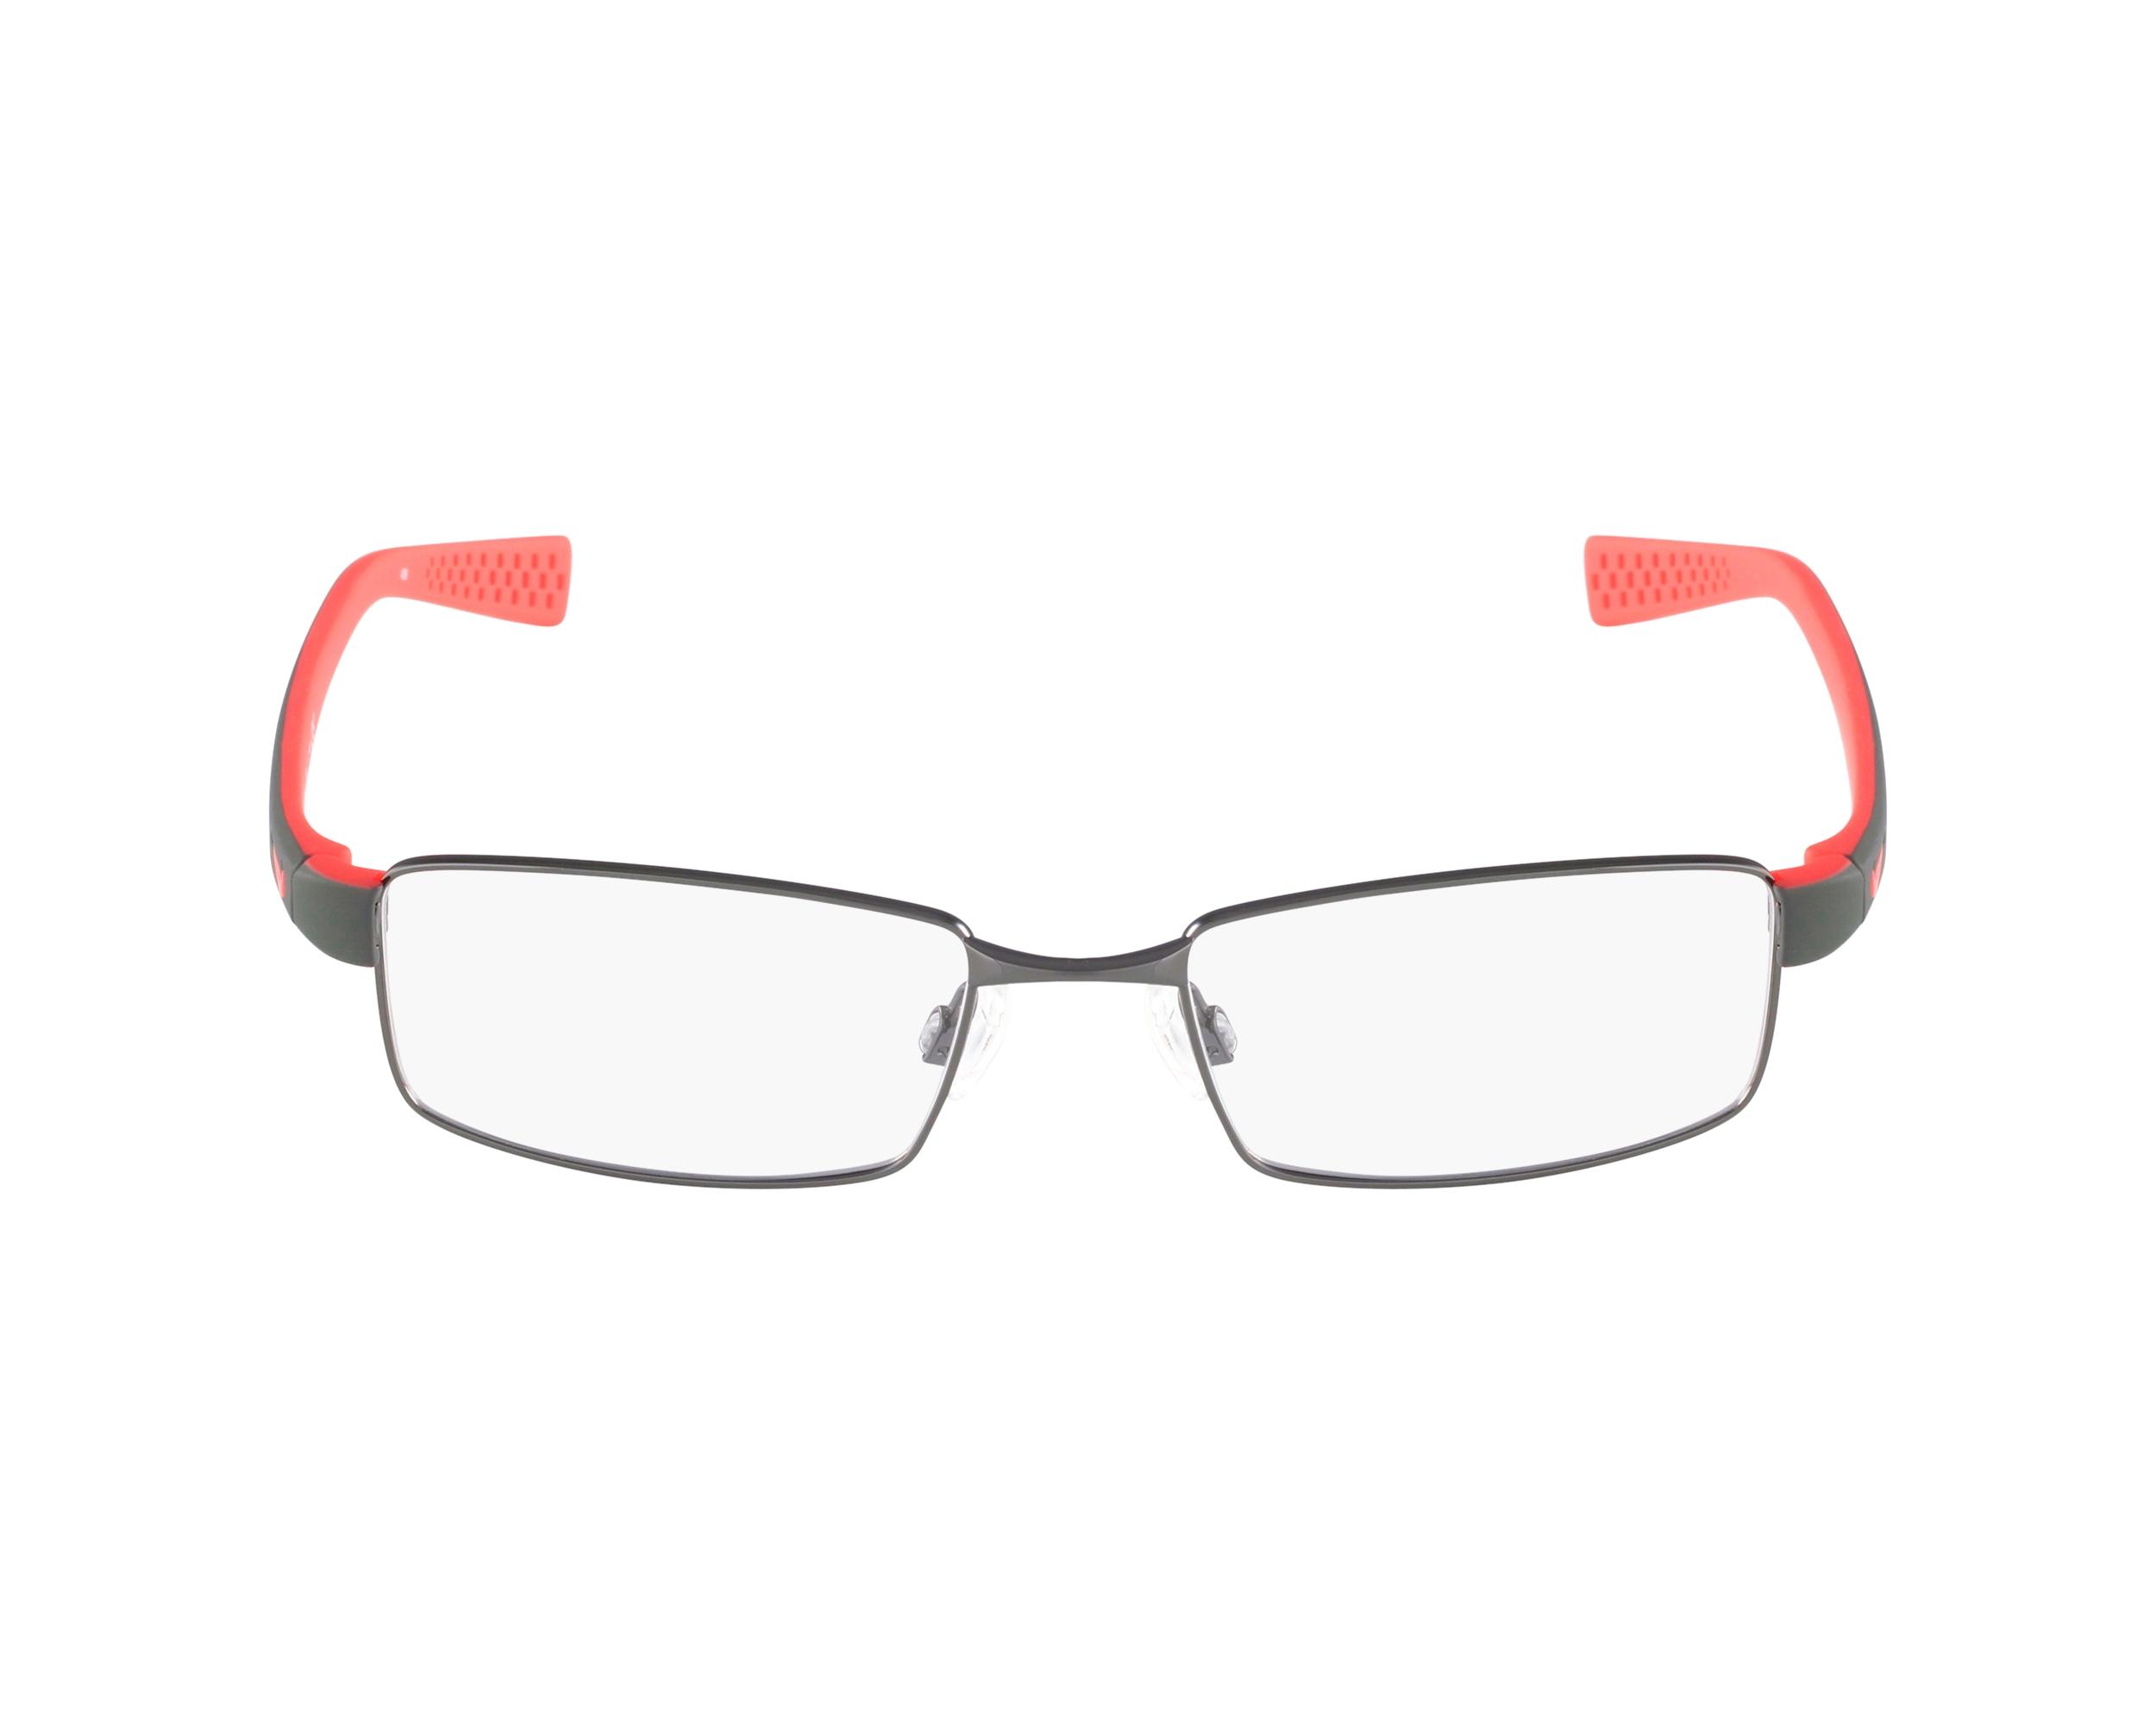 557e4d82fc7 eyeglasses Nike 8162 078 - Gun Red profile view